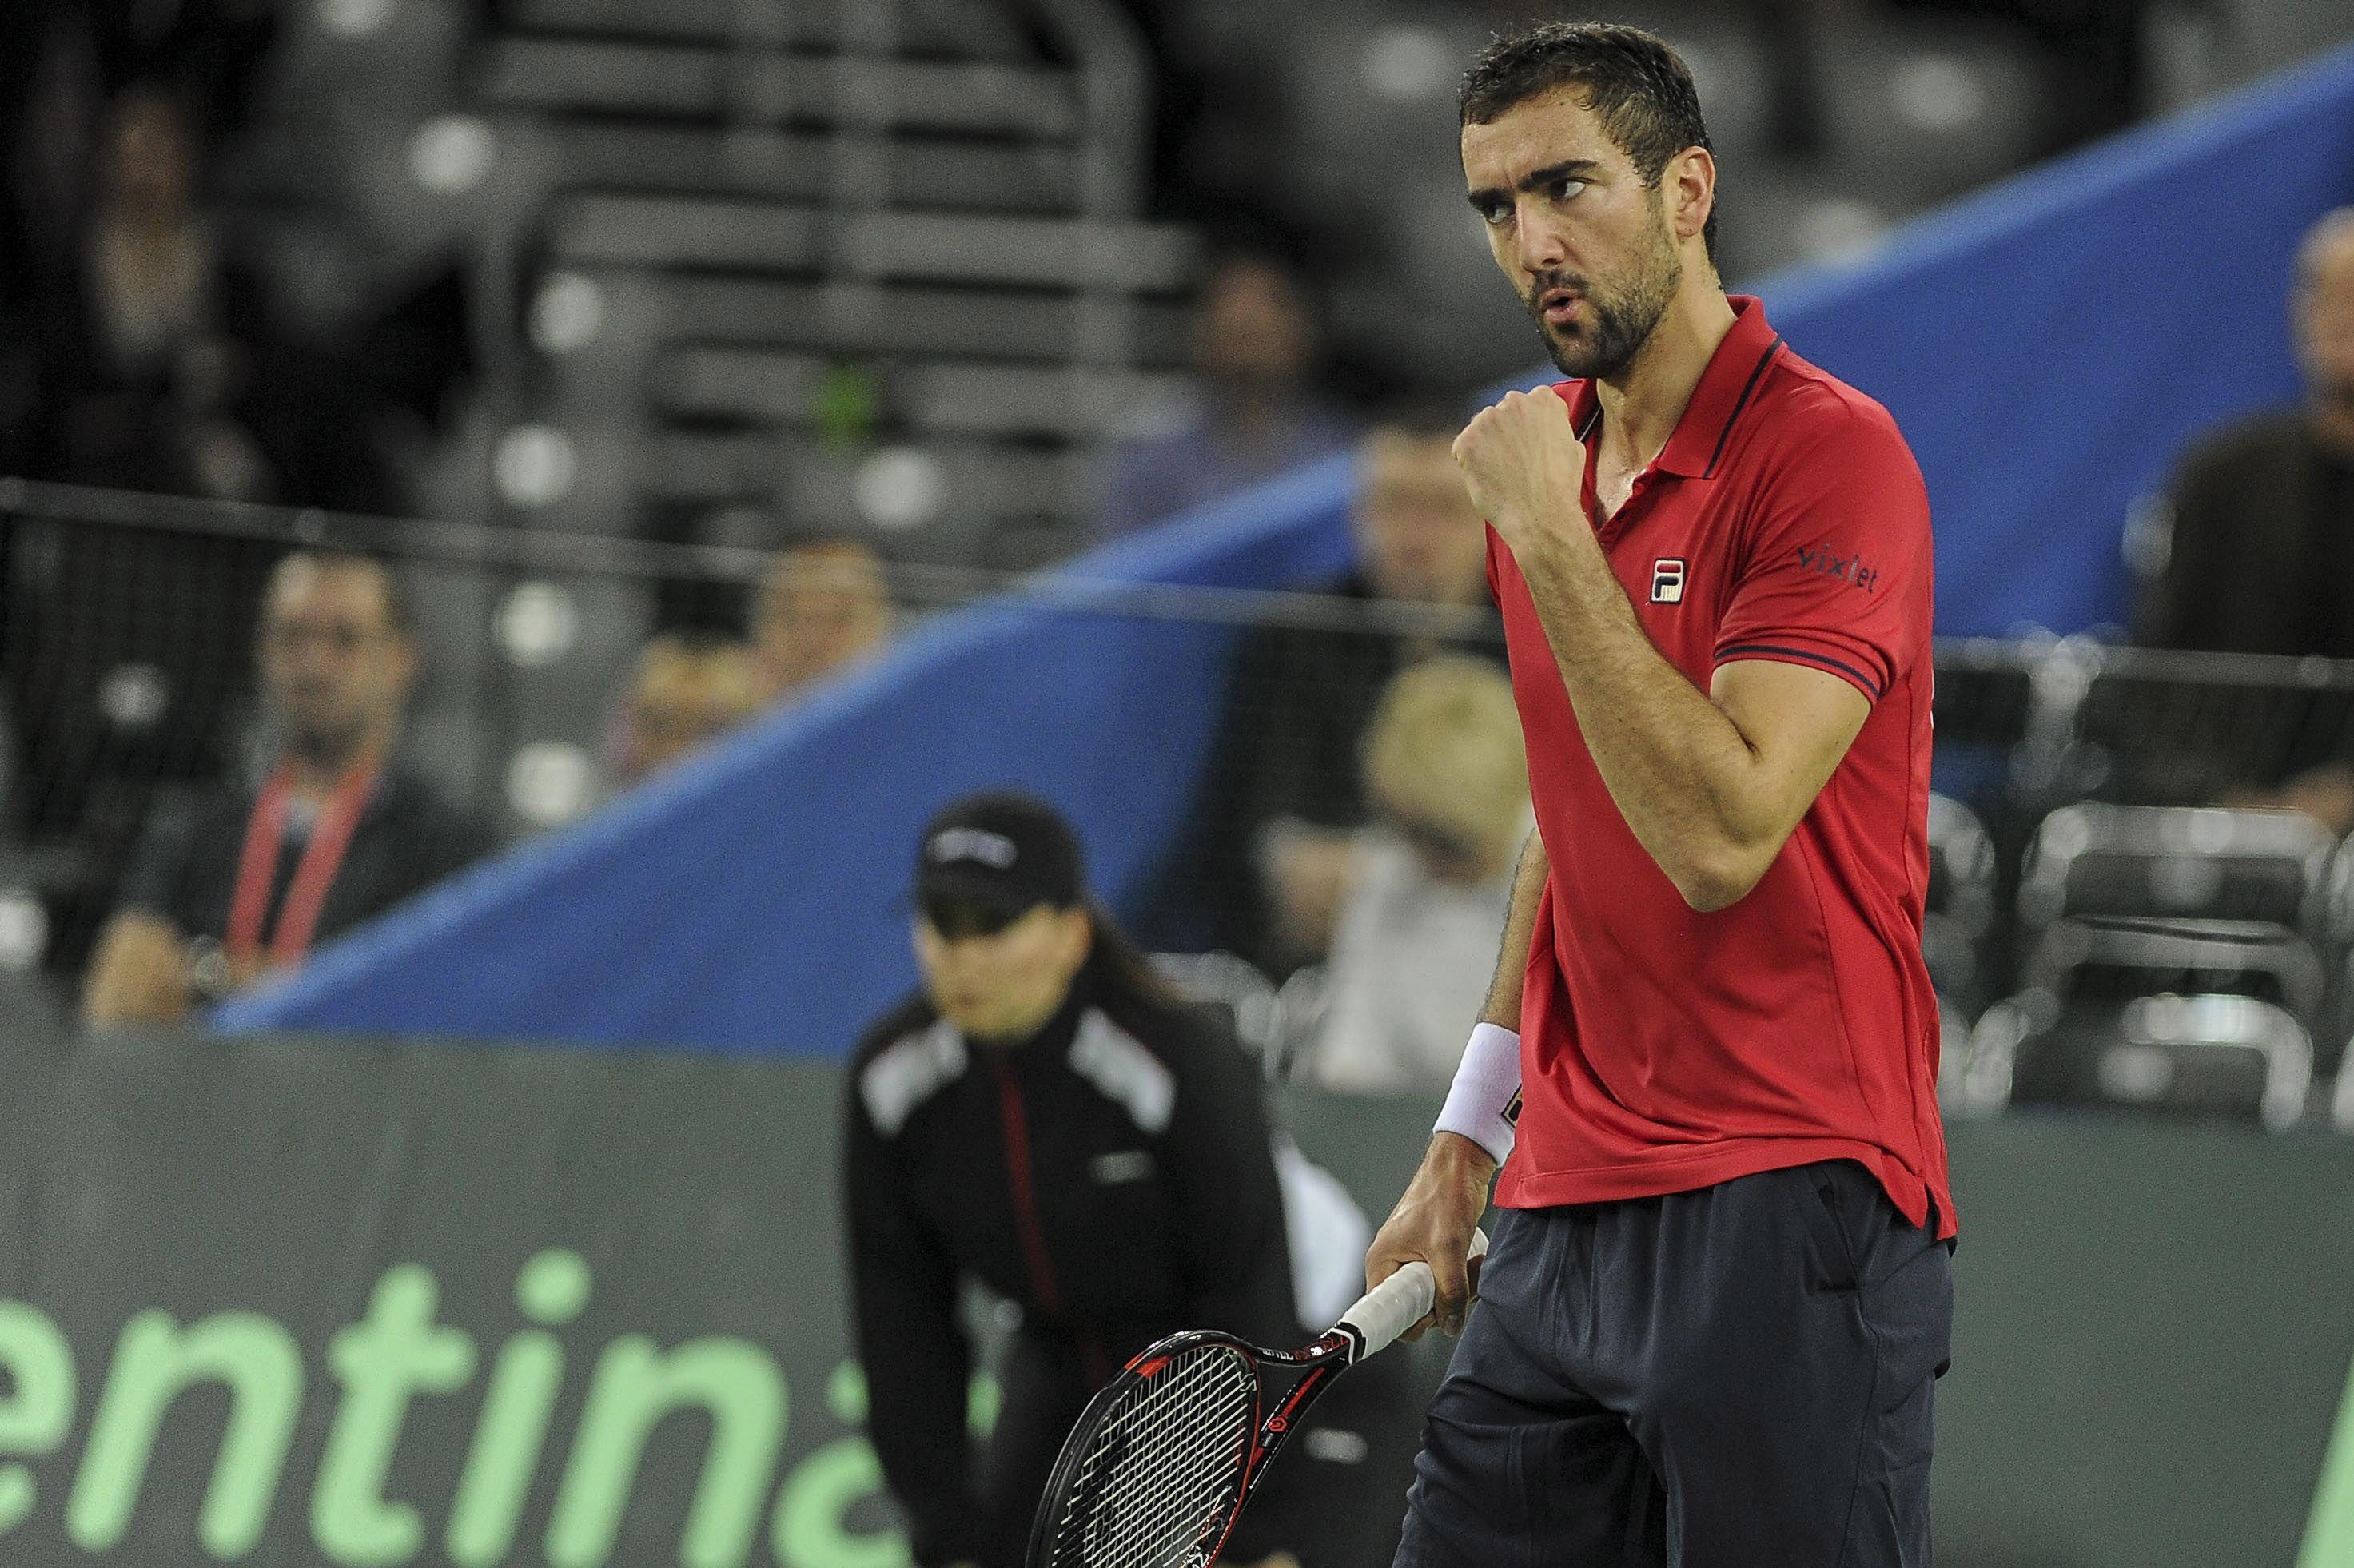 Copa Davis: Delbonis luchó pero perdió el primer punto ante Cilic